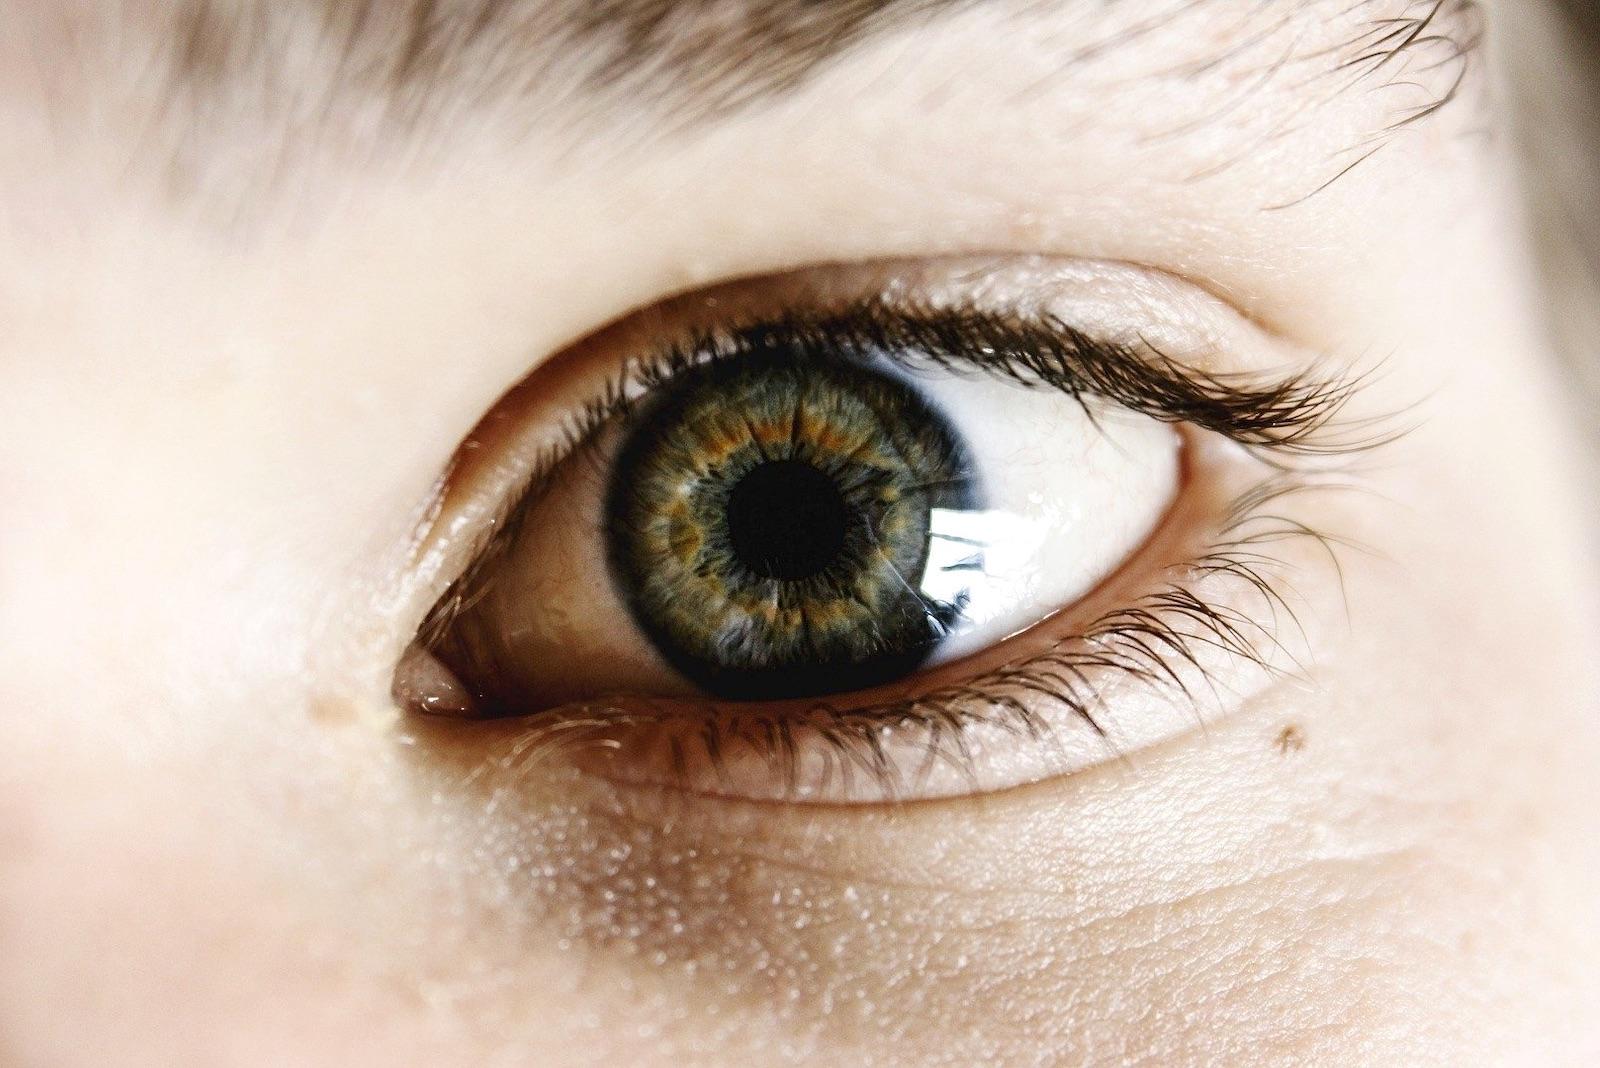 ochiul își pierde repede vederea viziune minus 2 5 este ca.